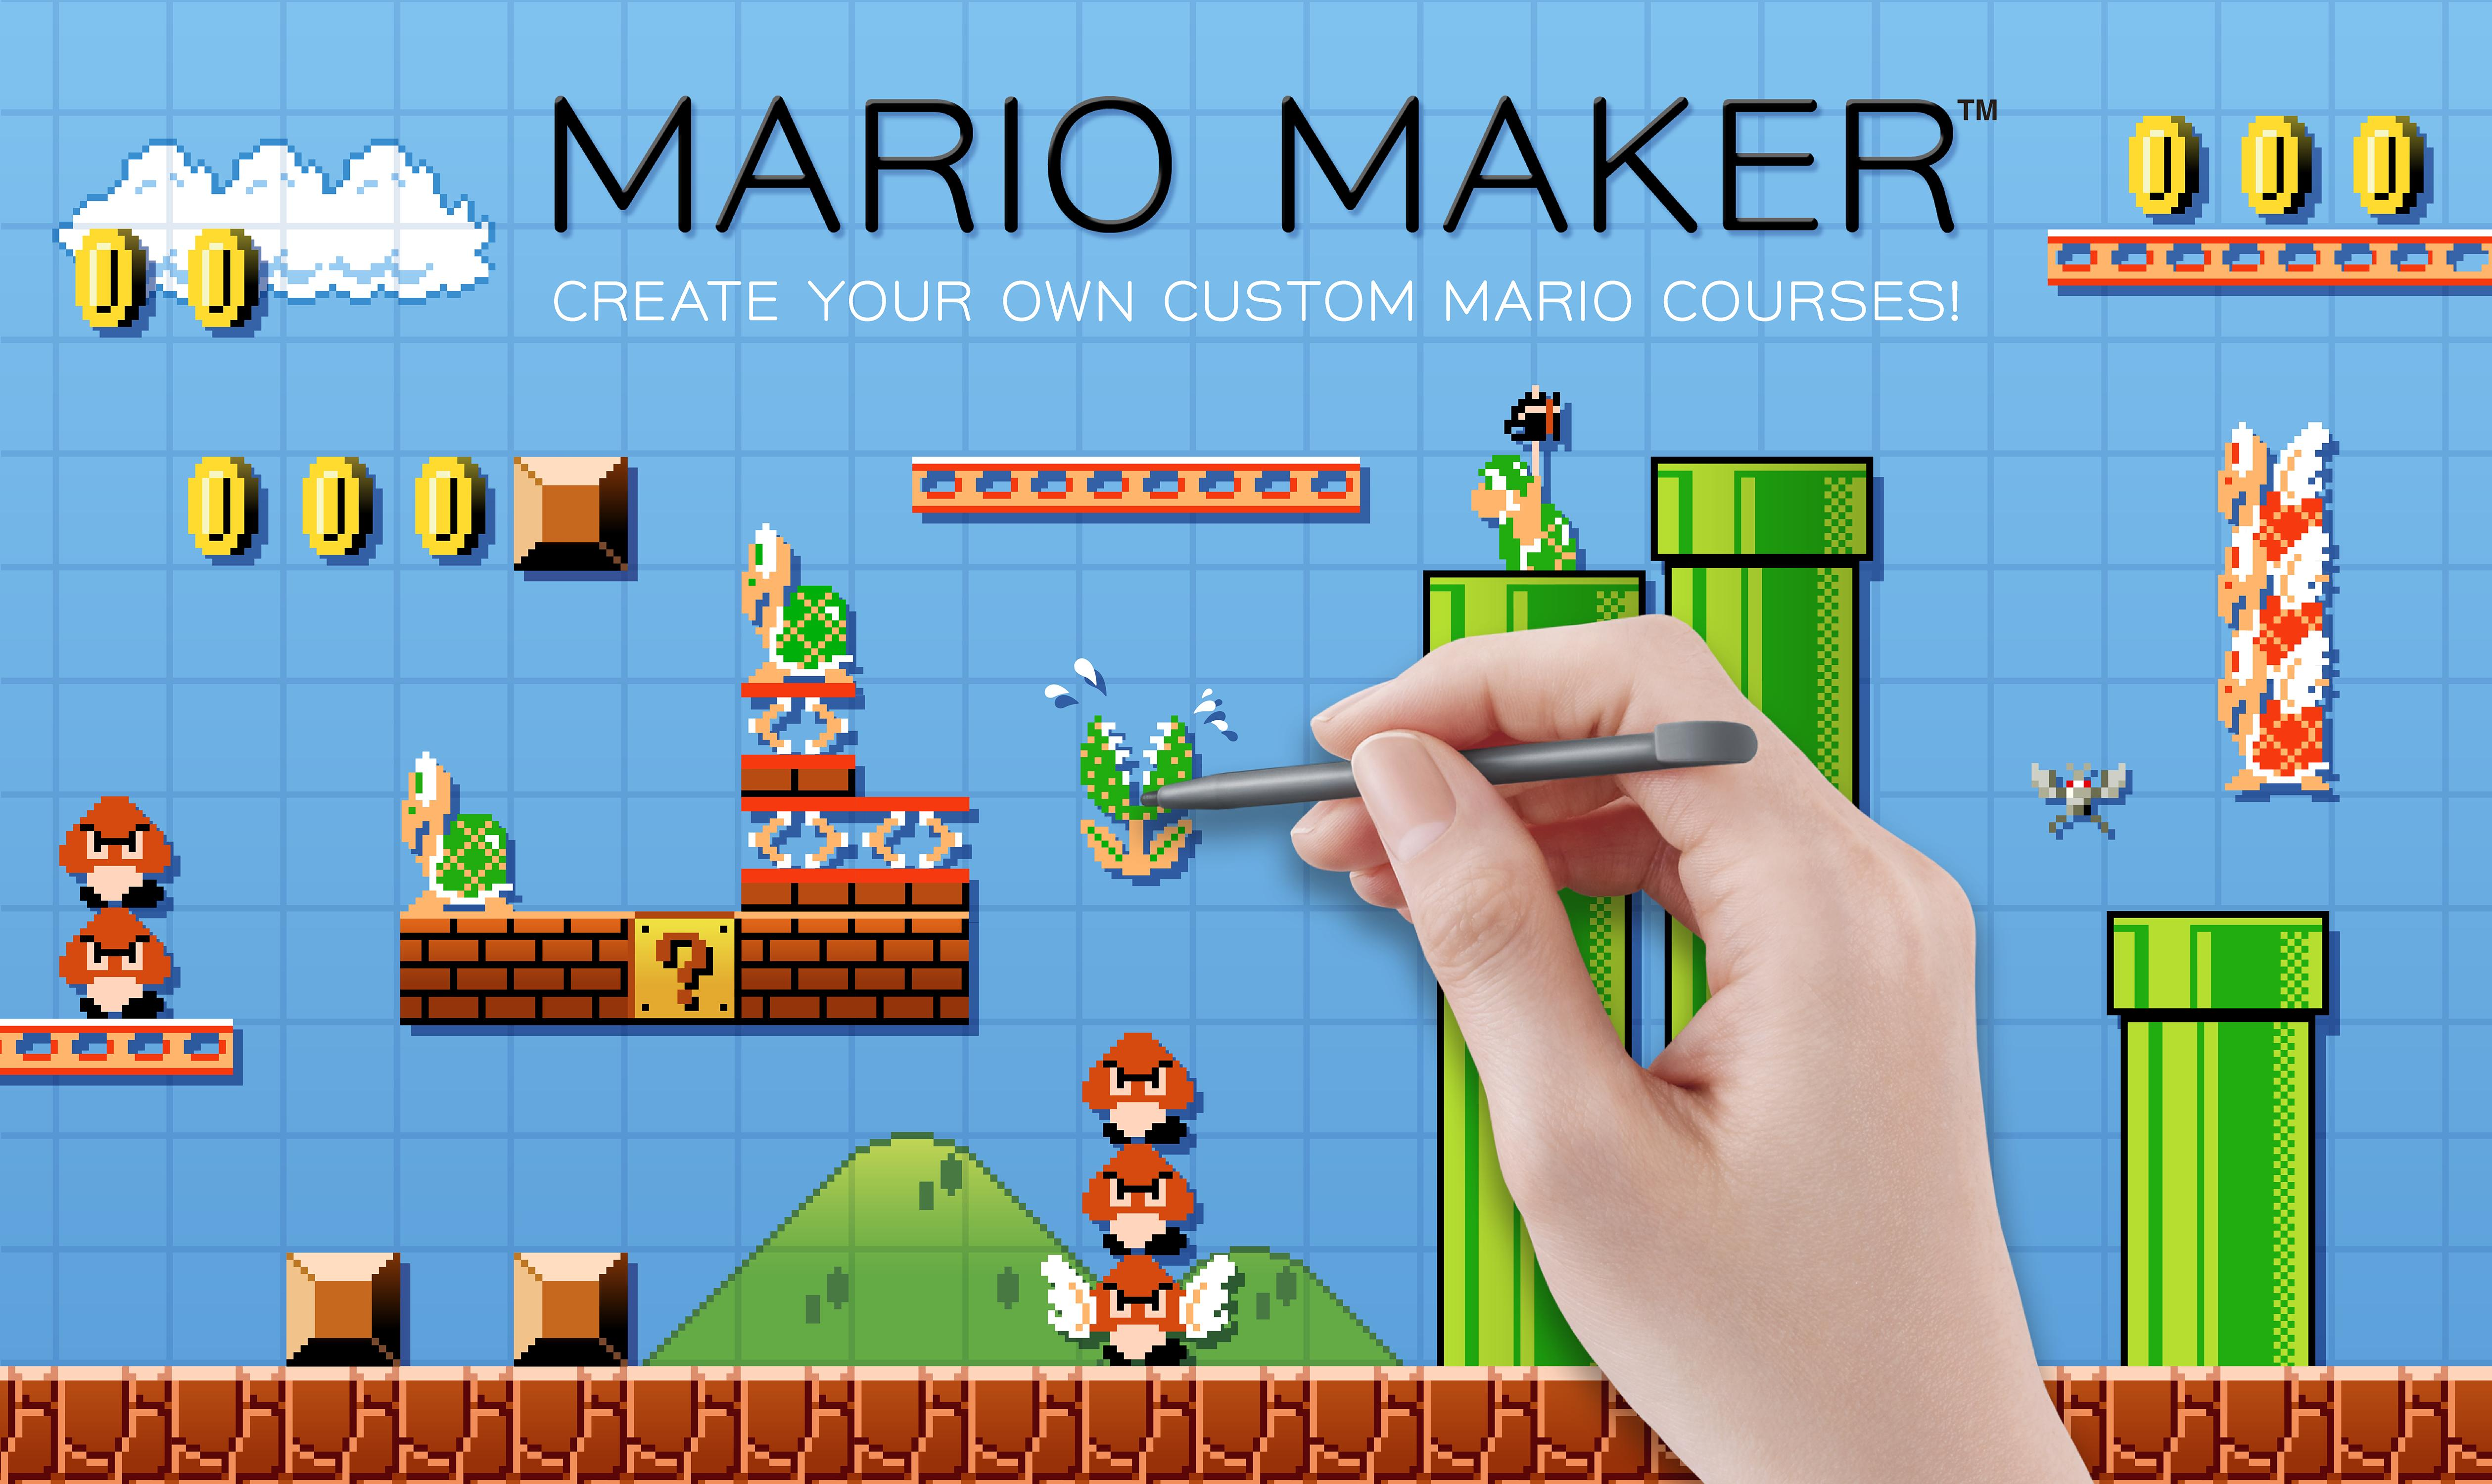 MarioMakerlogo.jpg